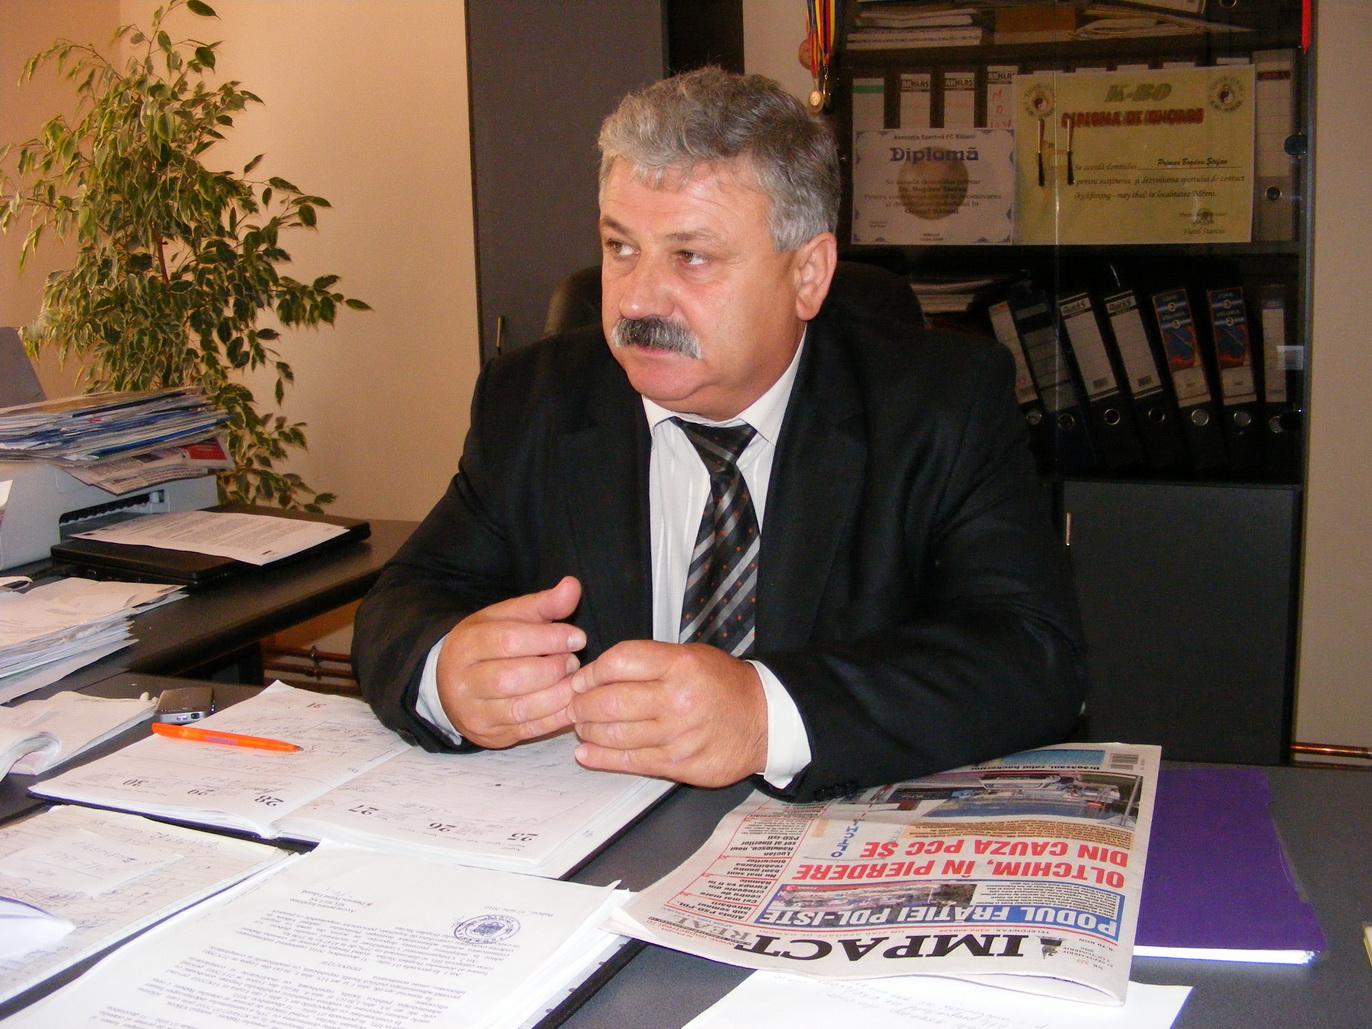 La Băbeni, Ştefan Bogdan modernizează 12 străzi cu bani de la bugetul local